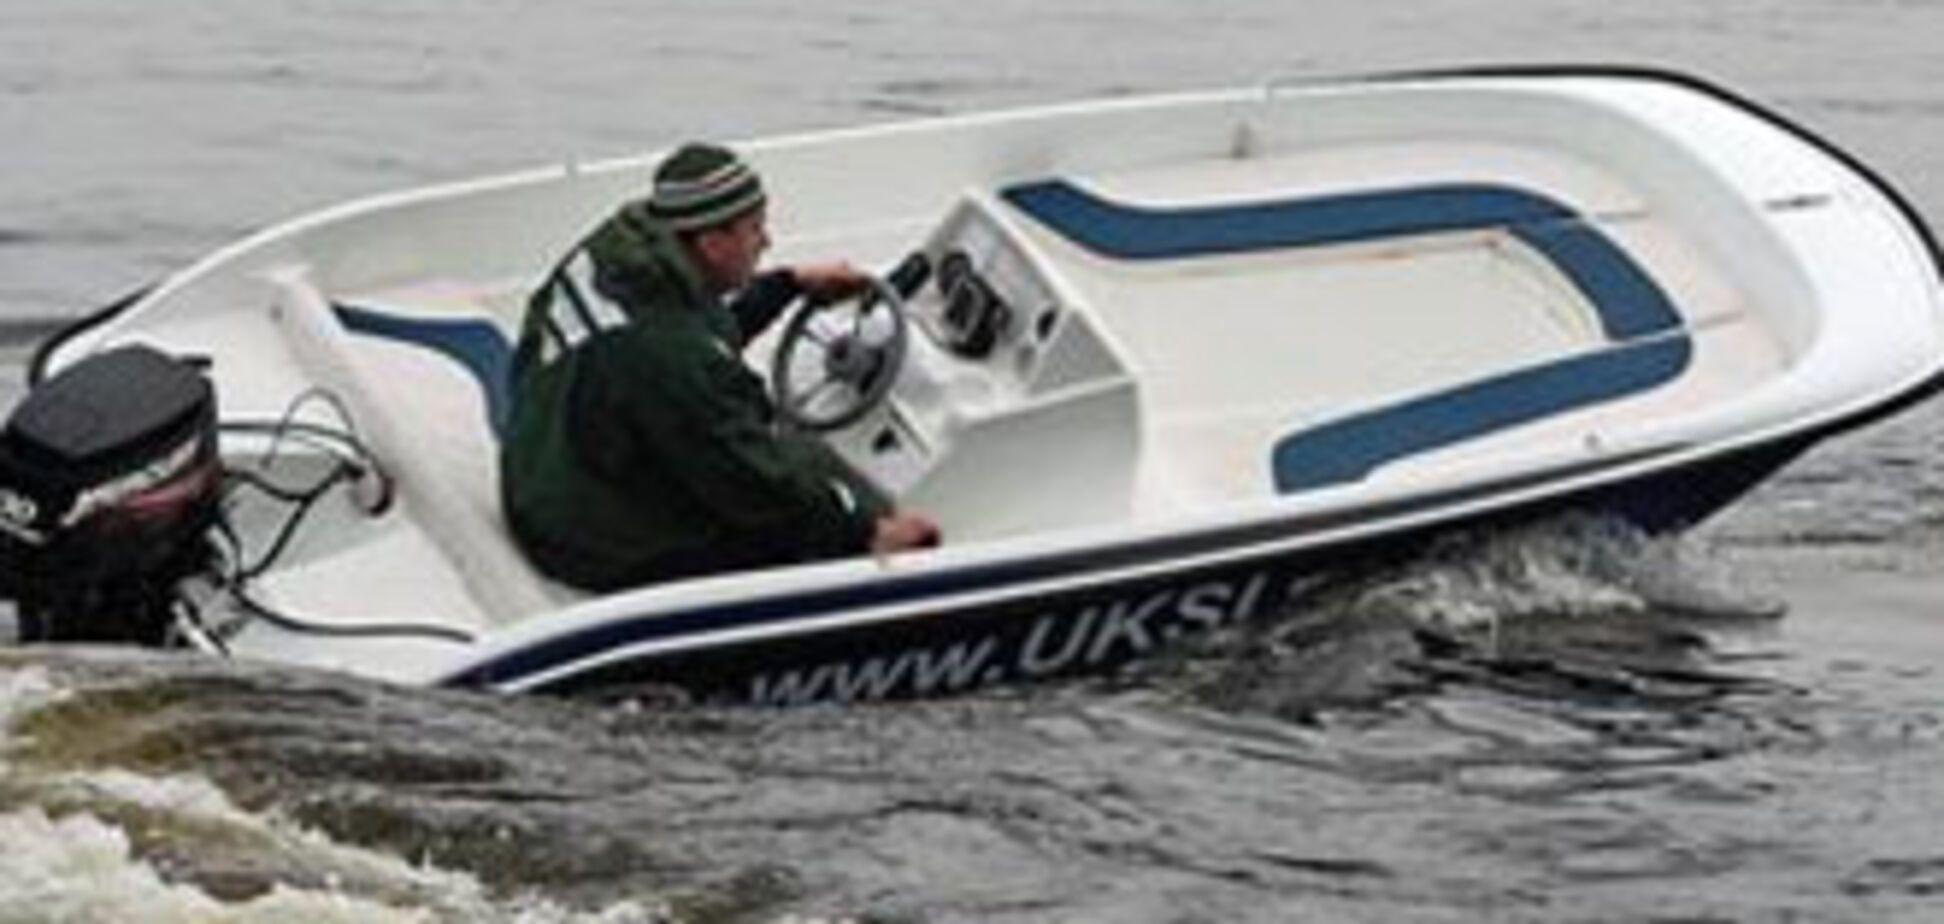 Рибак позбувся човнових моторів через борги